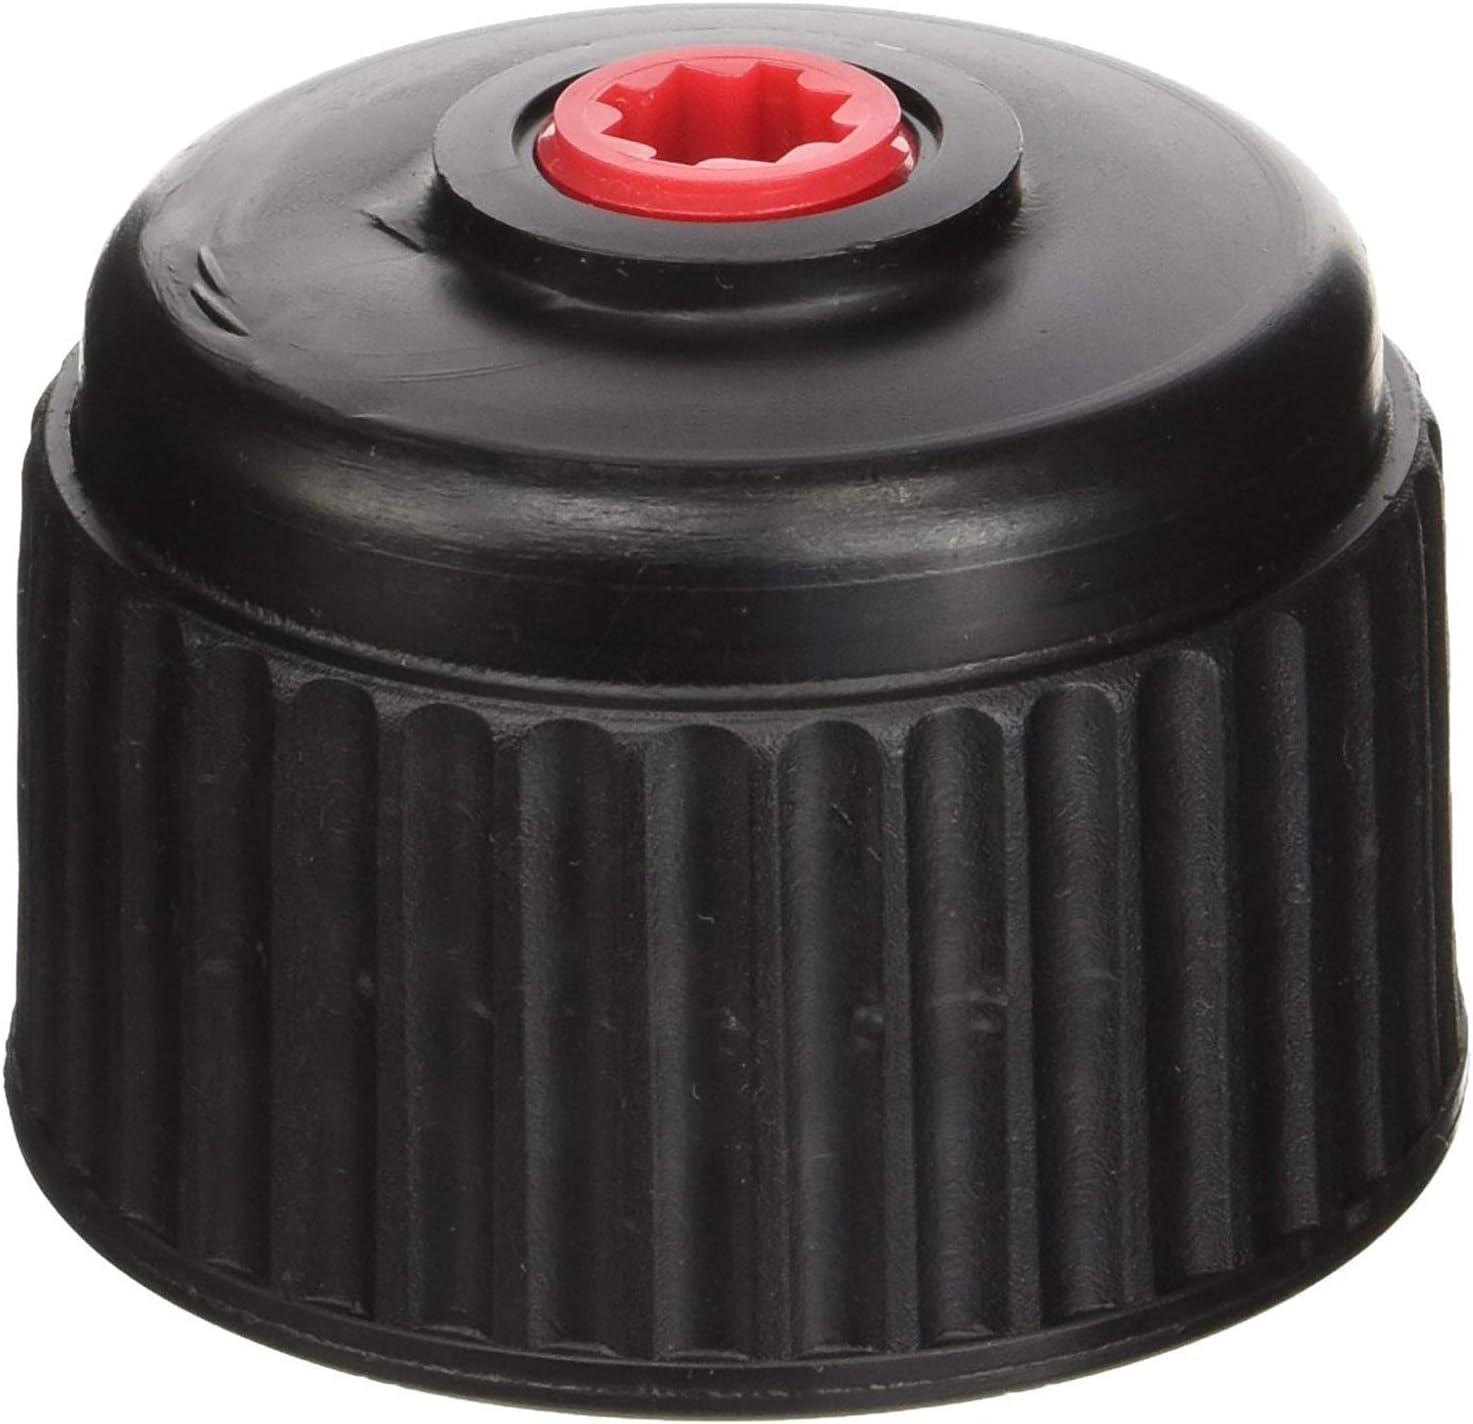 VP Racing Fuels 3042 Replacement Jug Cap